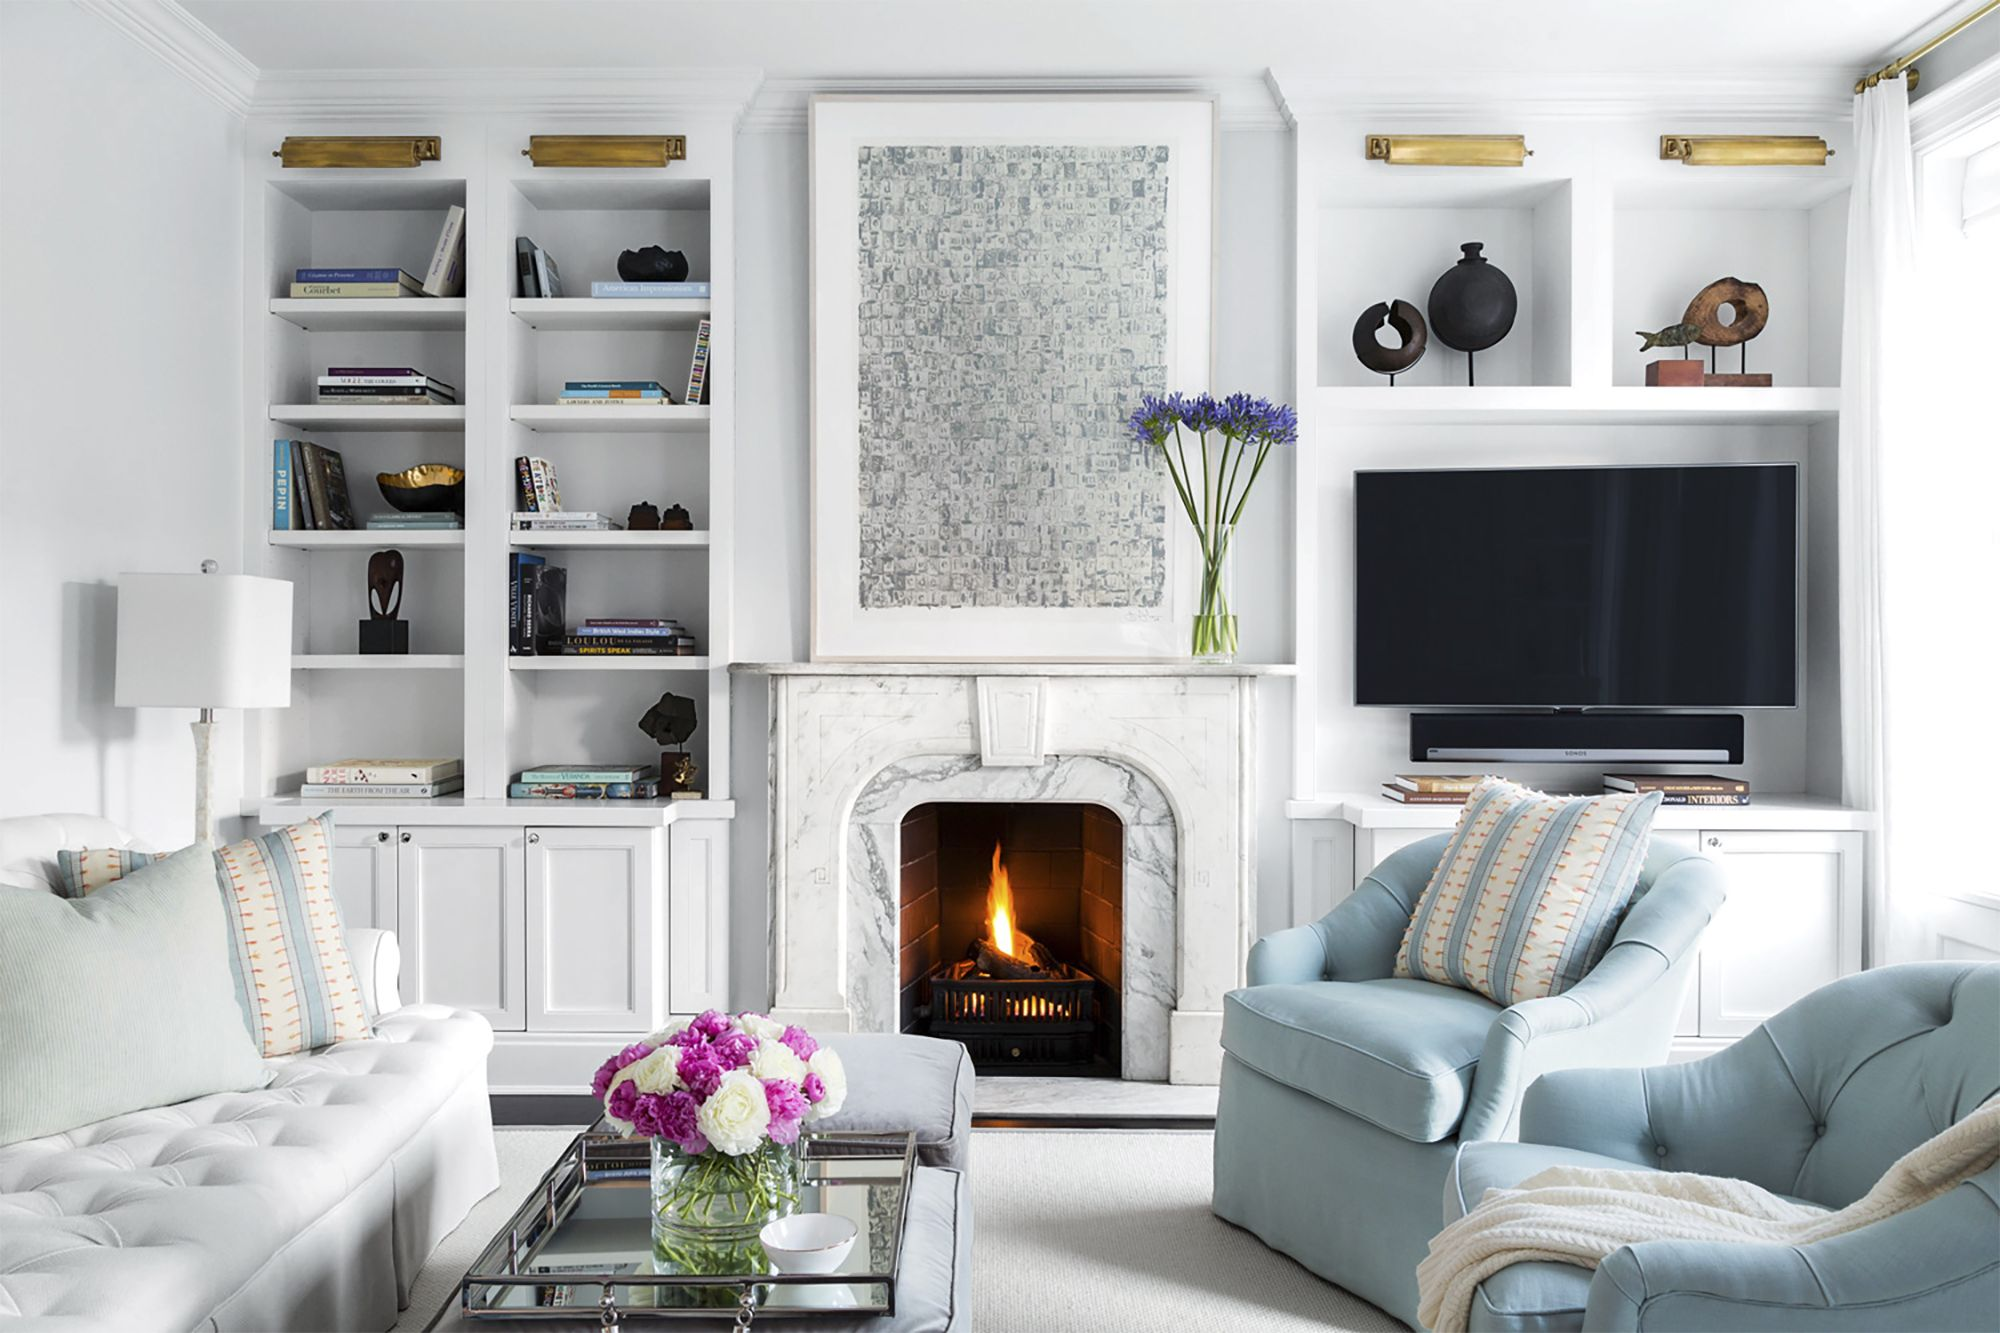 Letzter Tipp zur Dekoration Ihres Wohnzimmers